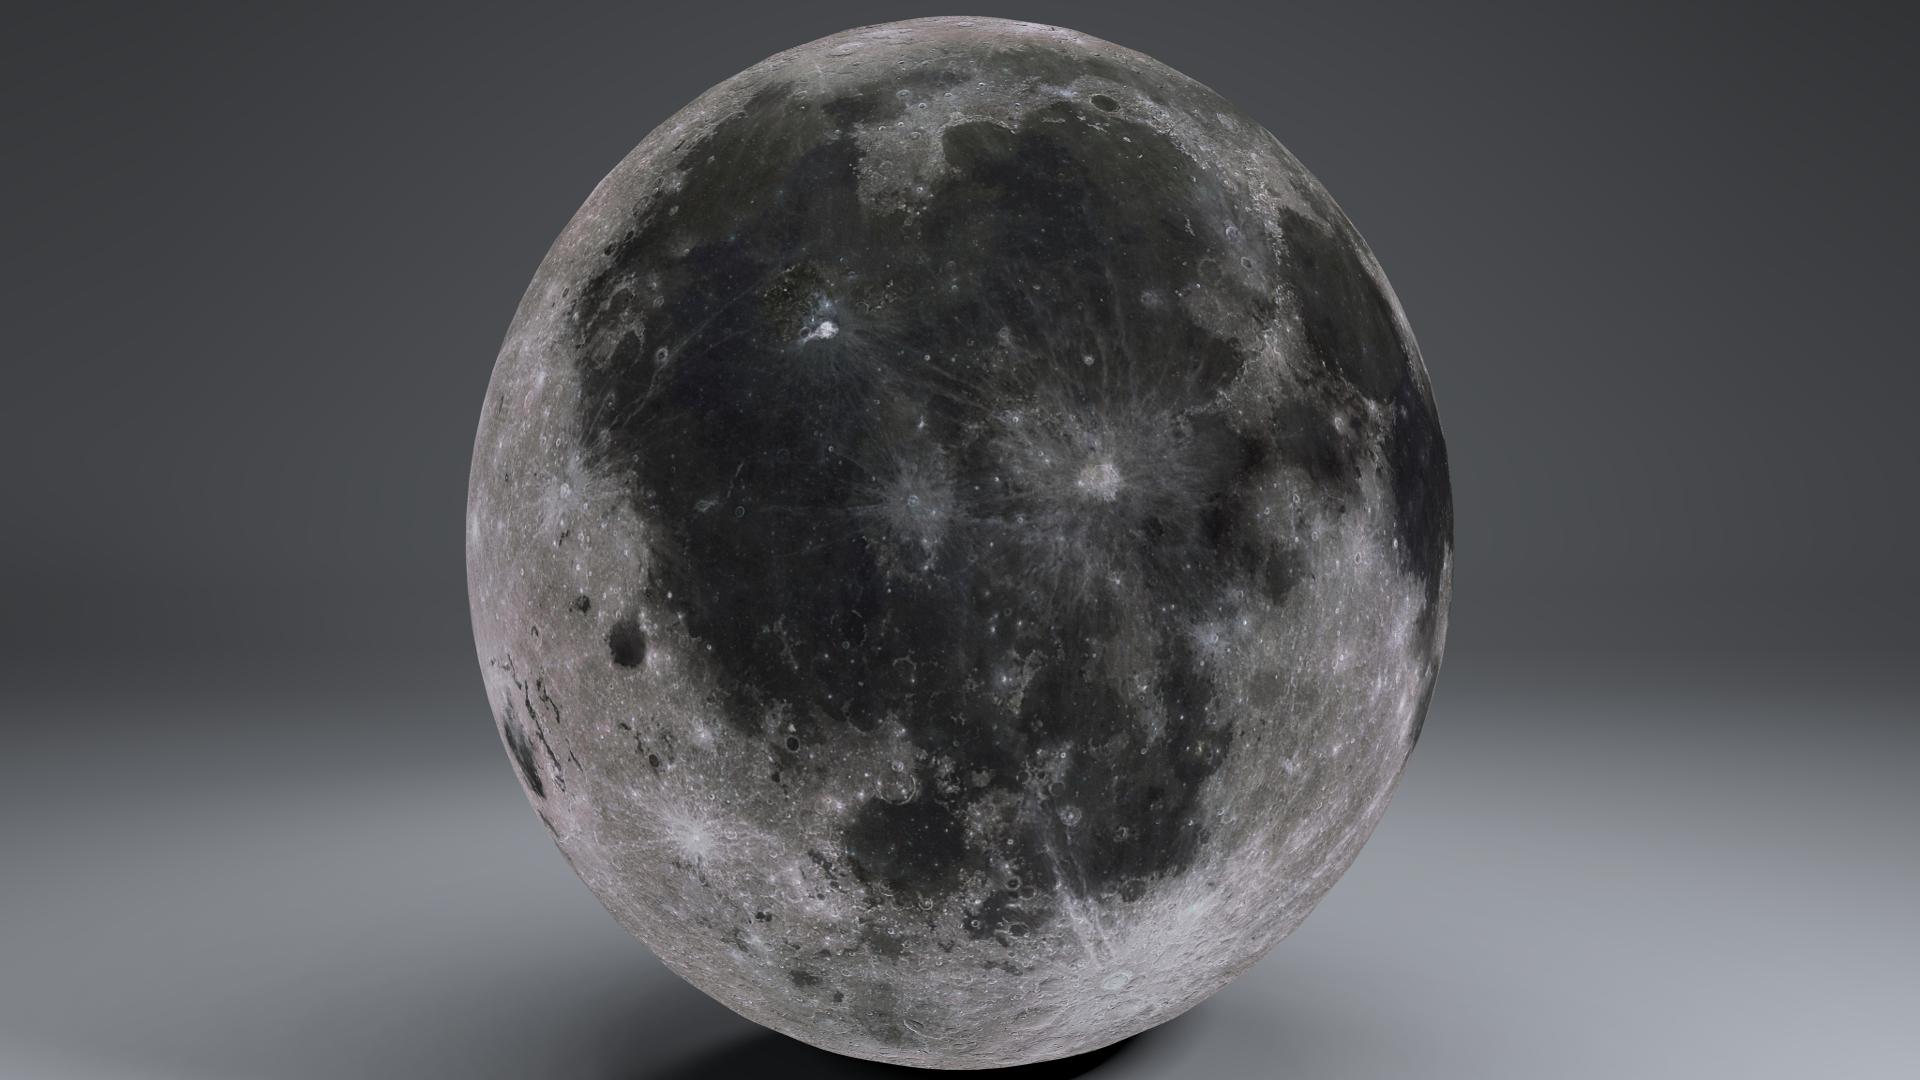 MoonGlobe 4k 3d model 3ds fbx blend dae obj 221759